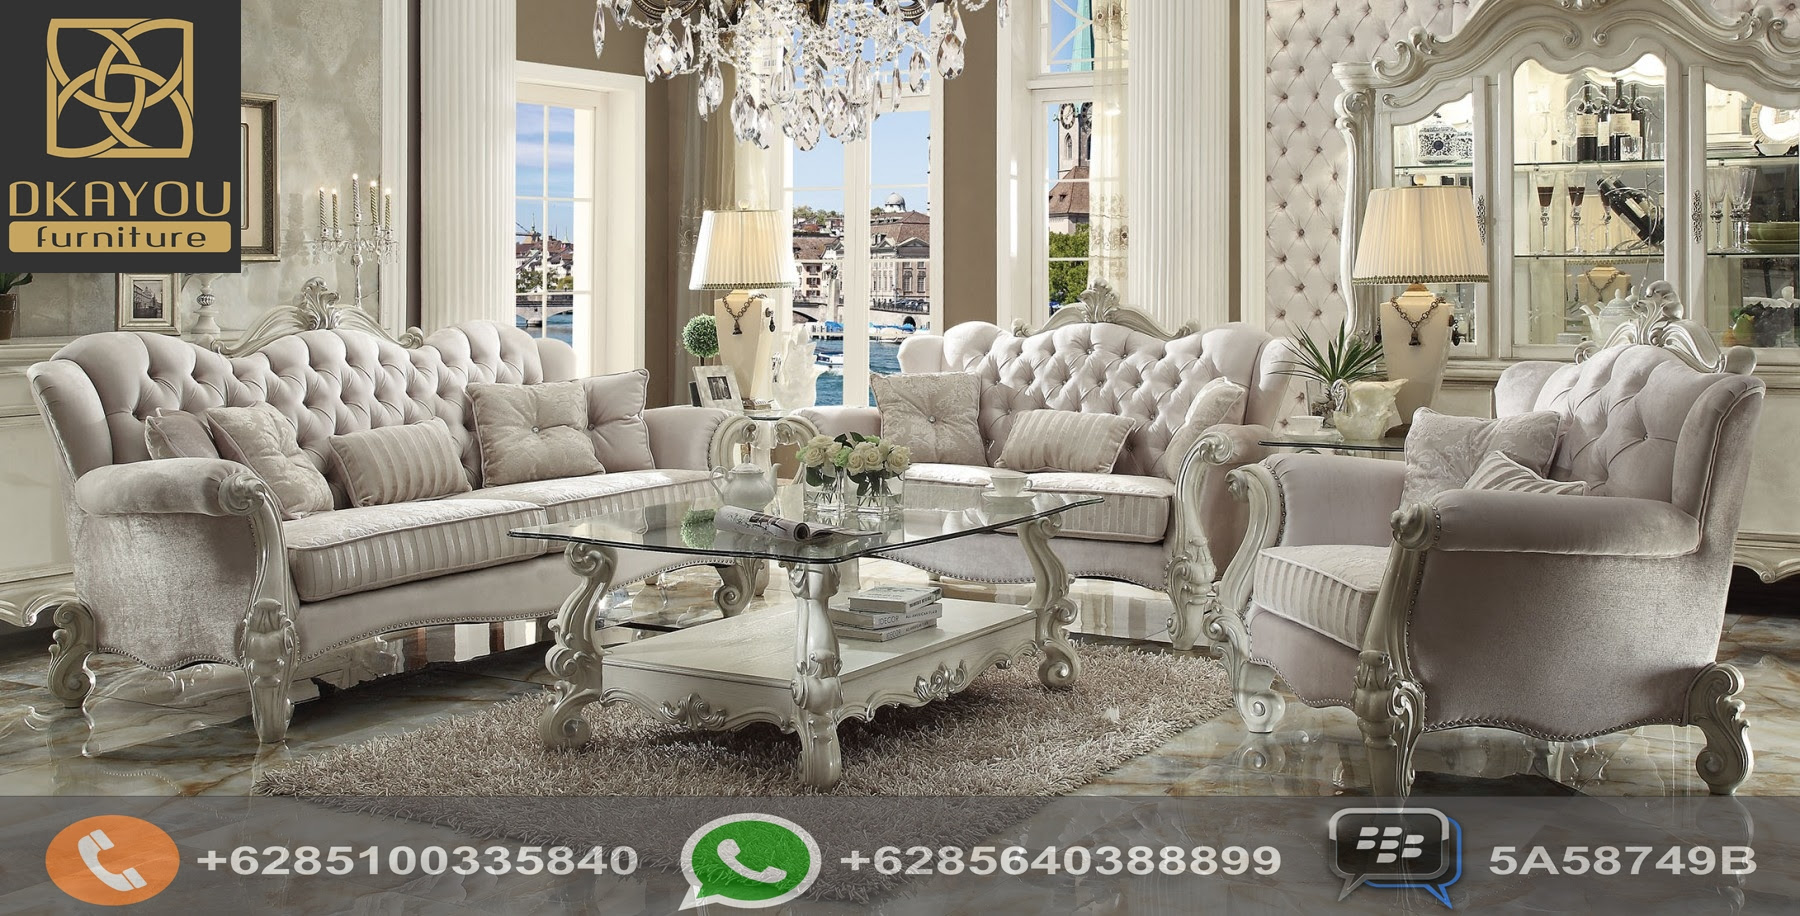 Set Sofa Ruang Tamu Mewah Klasik Model Baru Putih Roman Dkayou